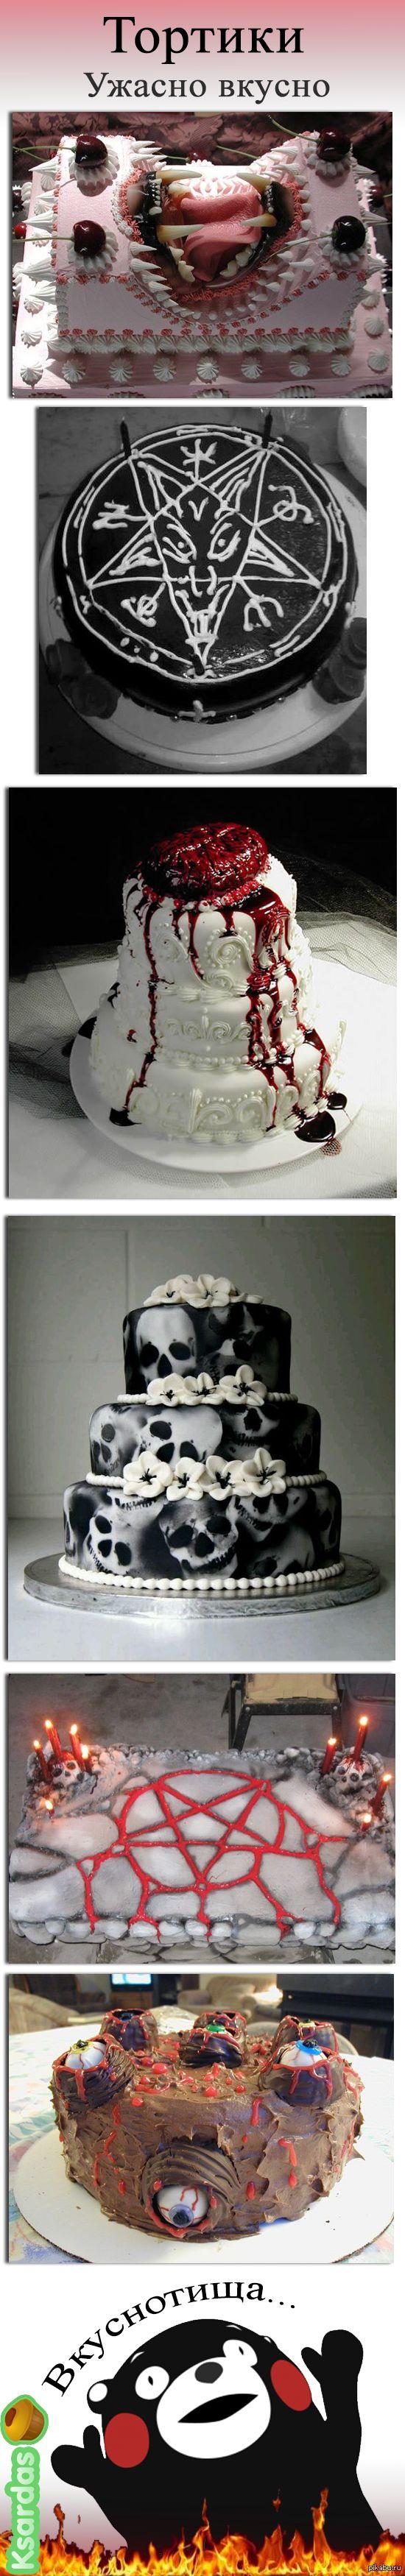 Адские тортики (длиннопост) Интересный подарок другу готу/сатанисту, например...)